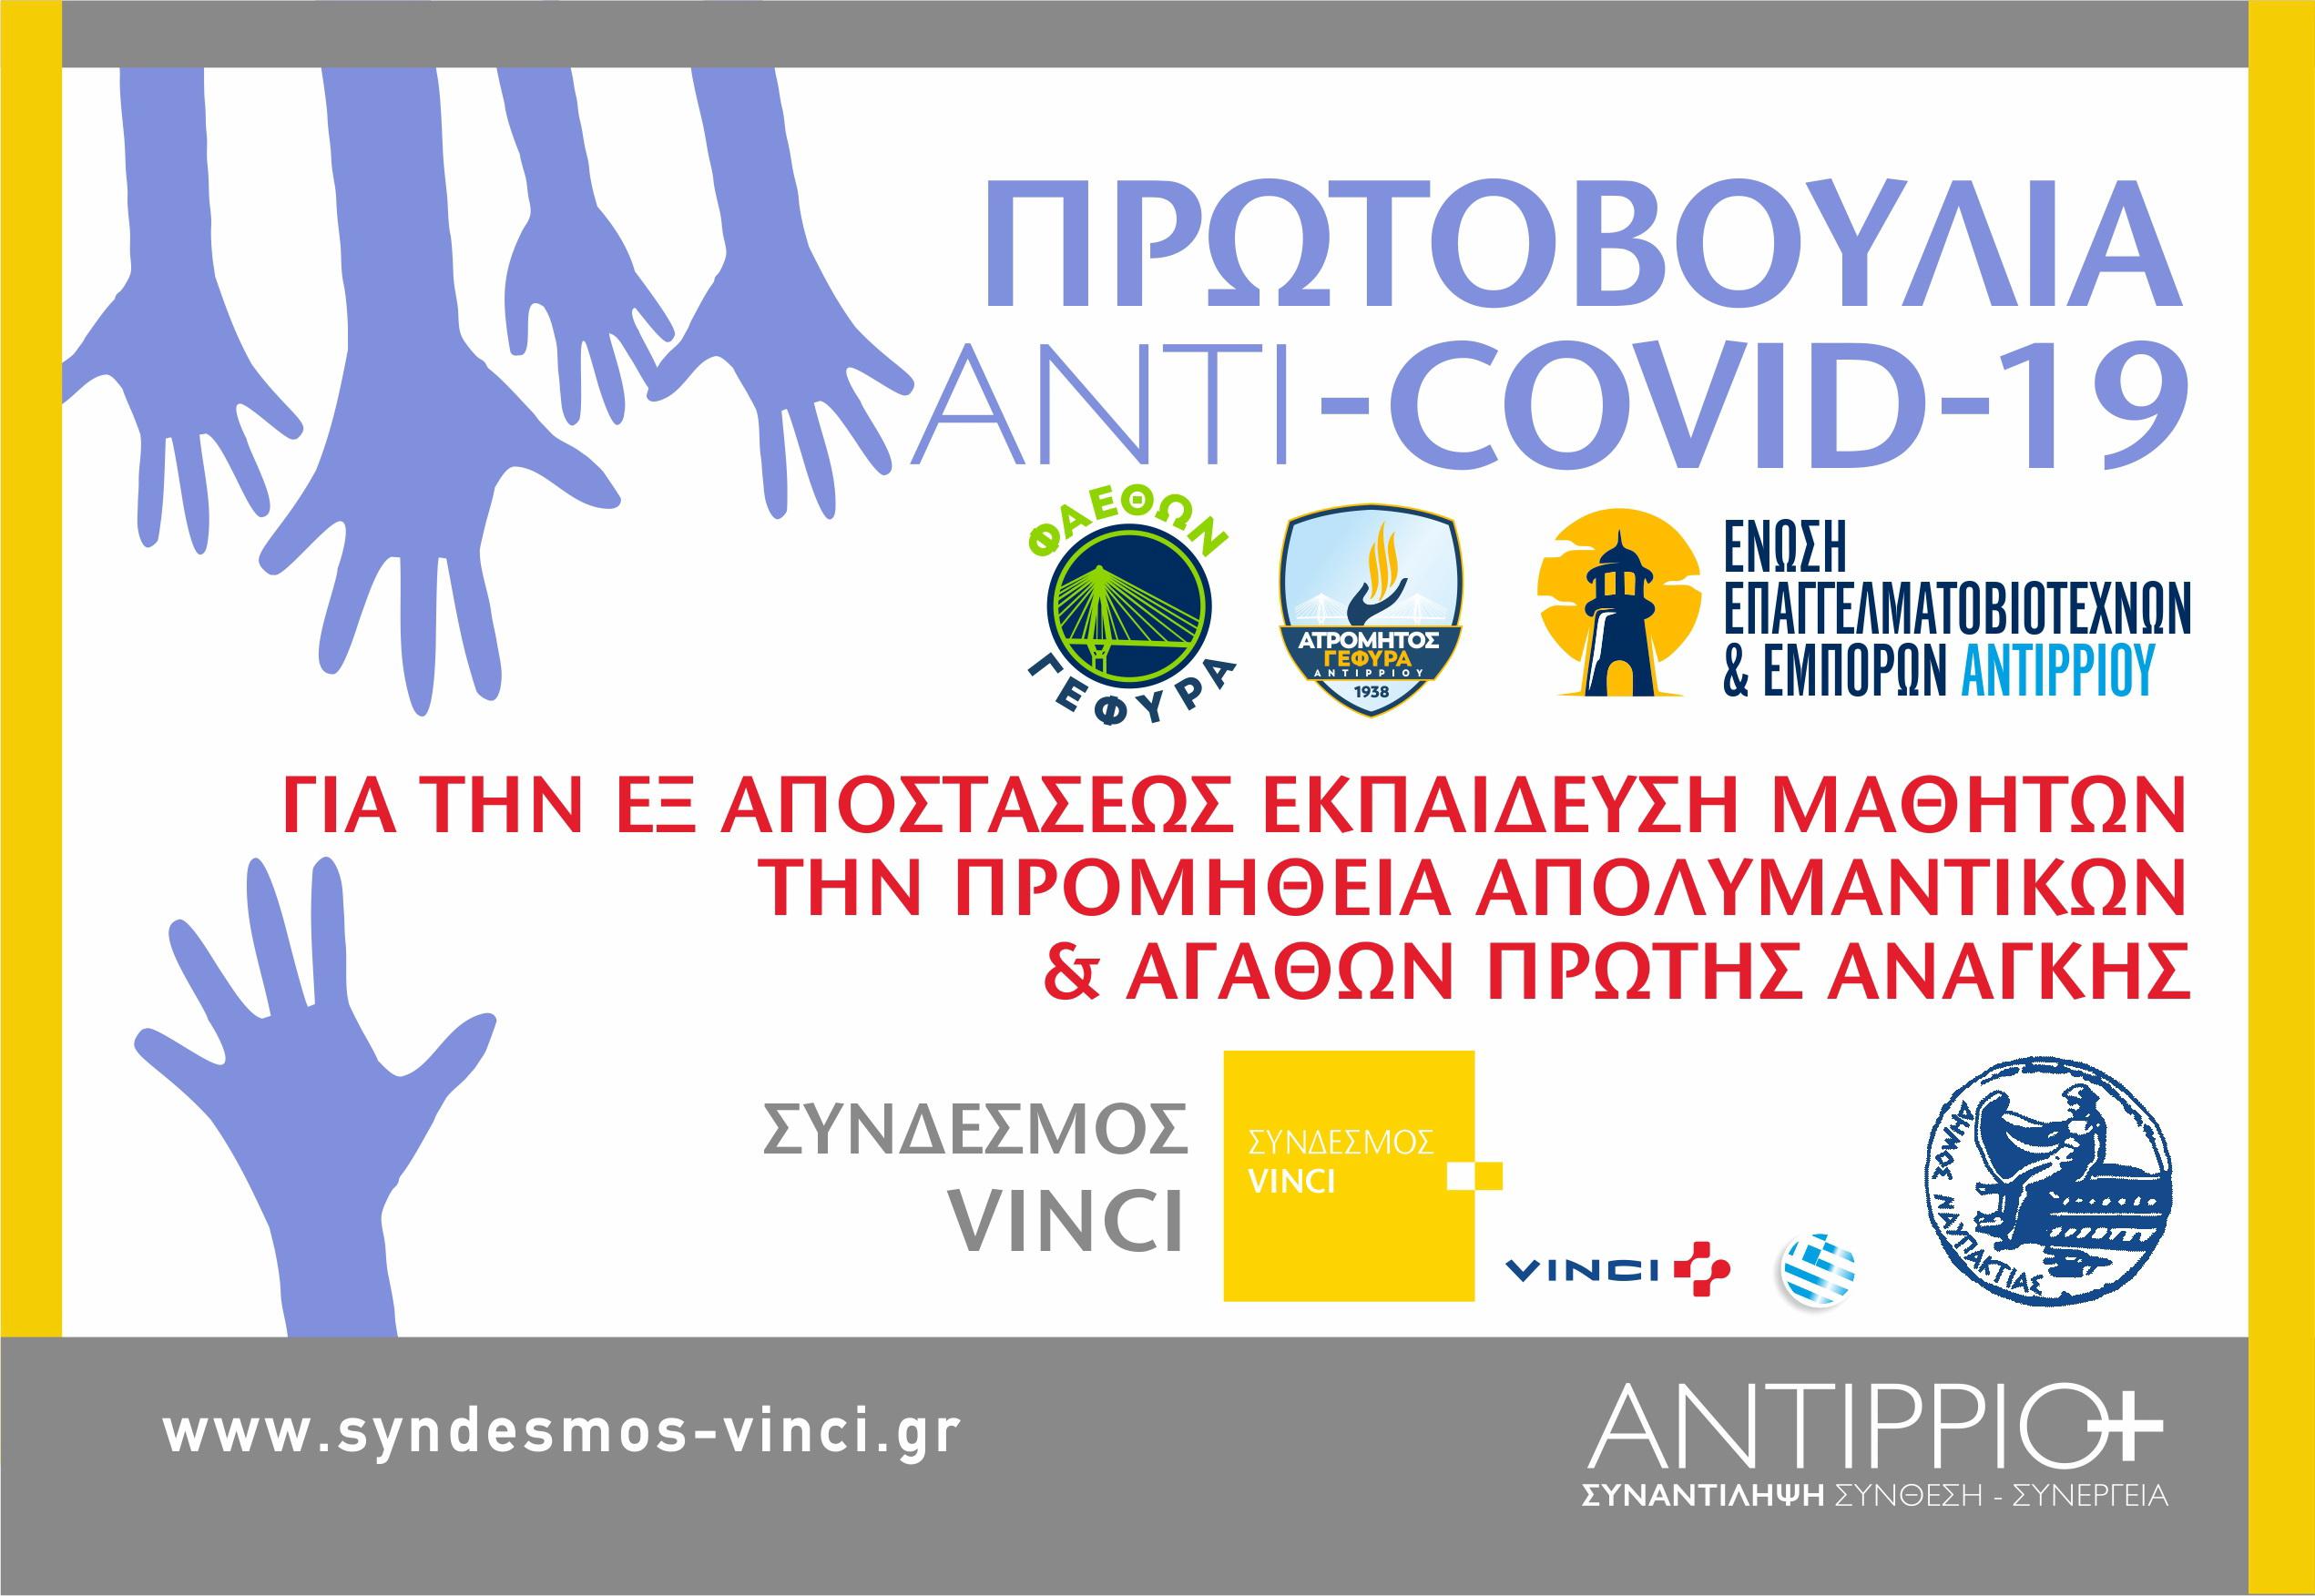 """Πρωτοβουλία """"anti-covid-19""""  στο Αντίρριο"""